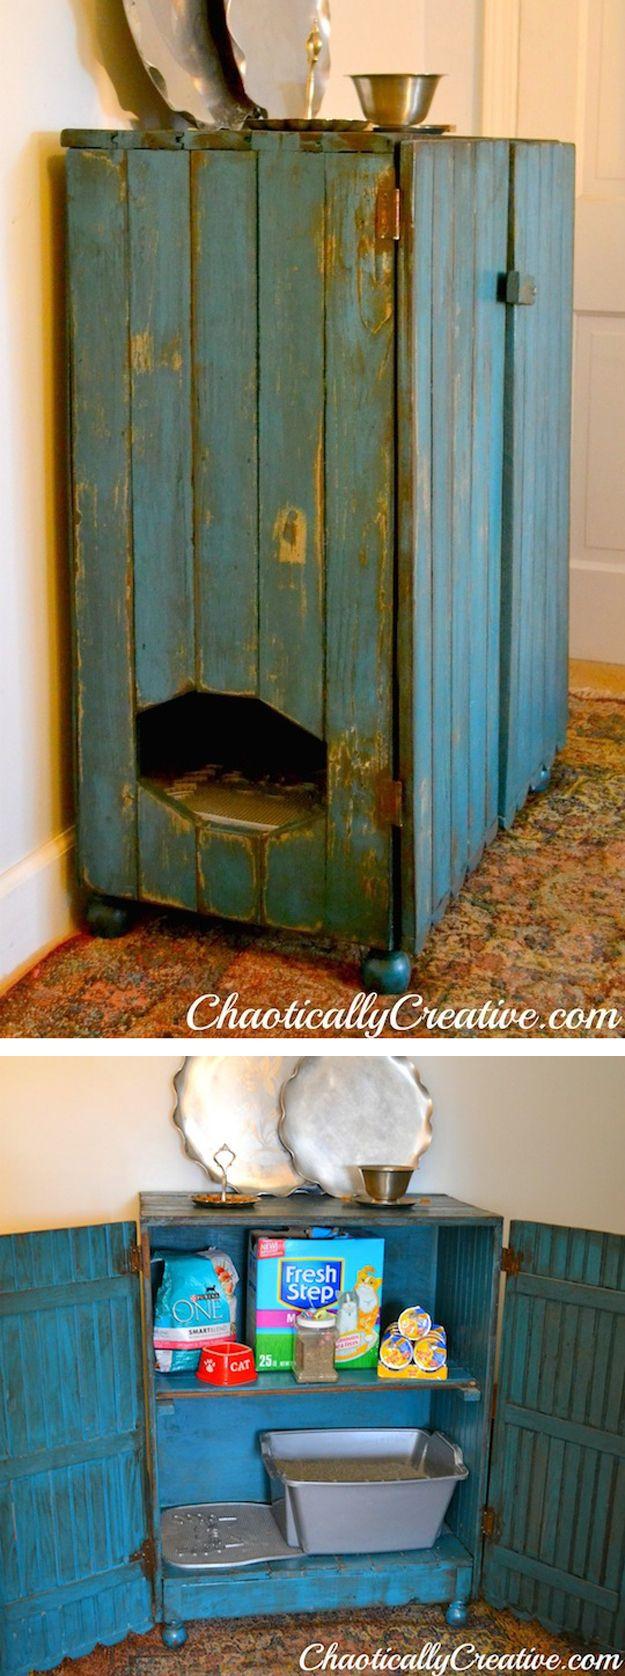 DIY Hidden Cat Litter Box  Best 25 Hide litter boxes ideas on Pinterest